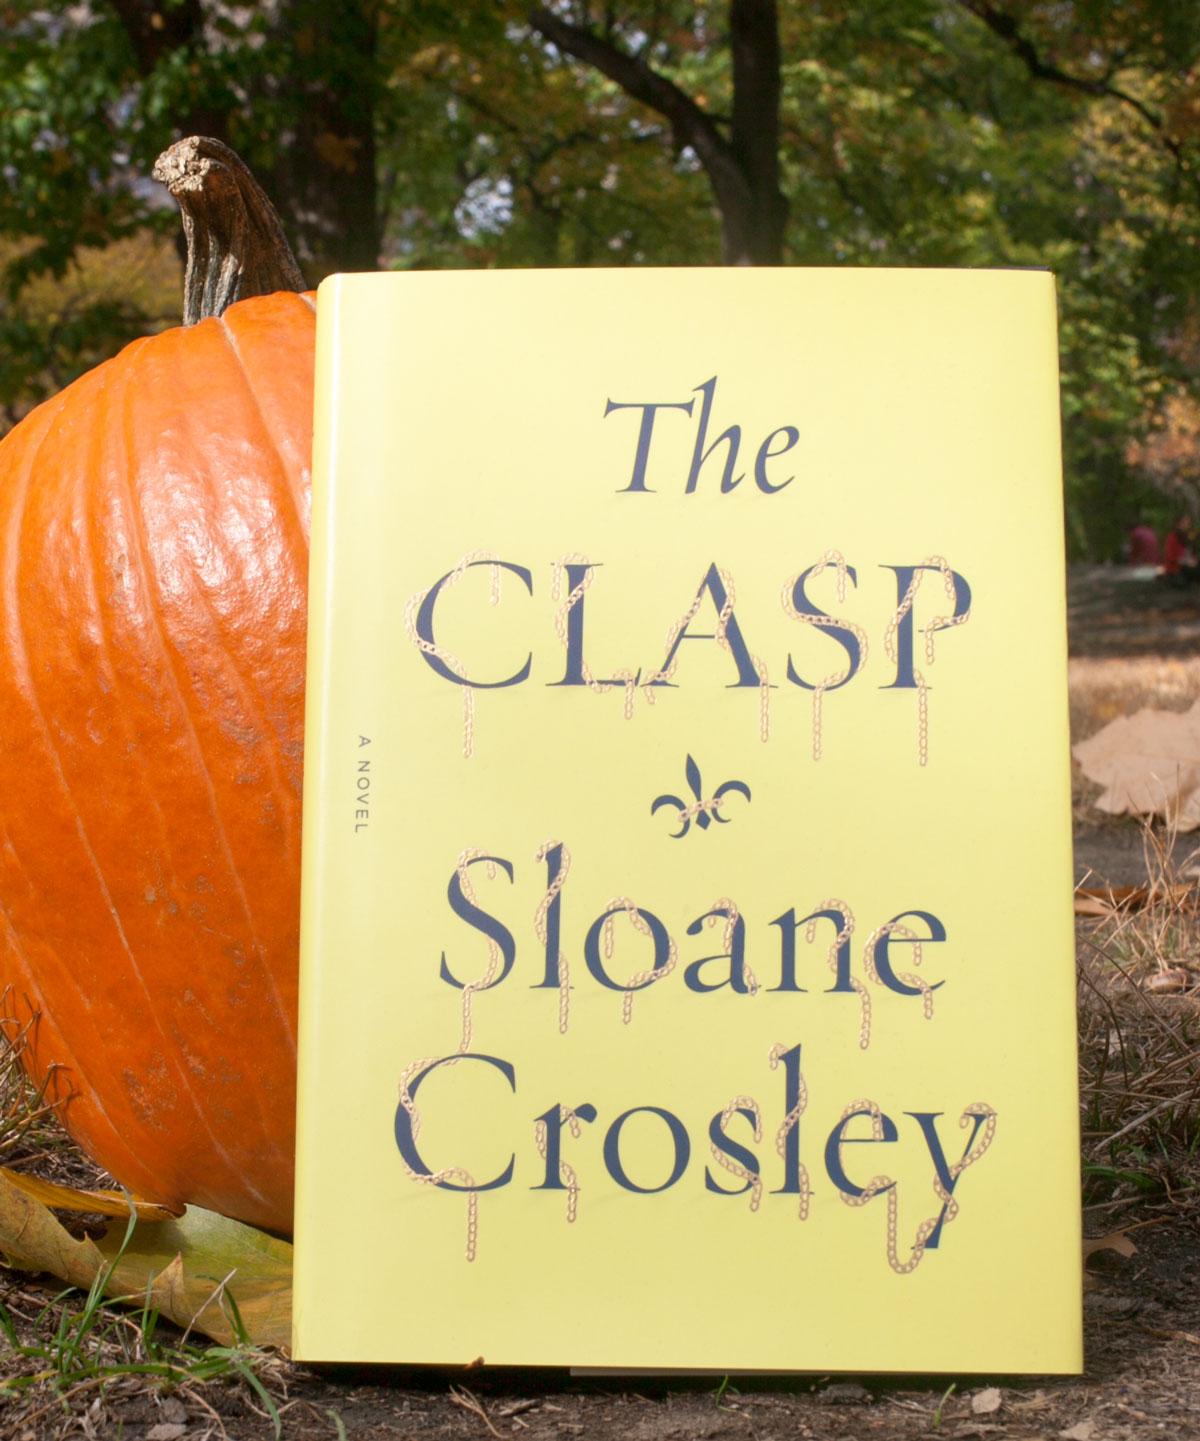 Sloane Crosley